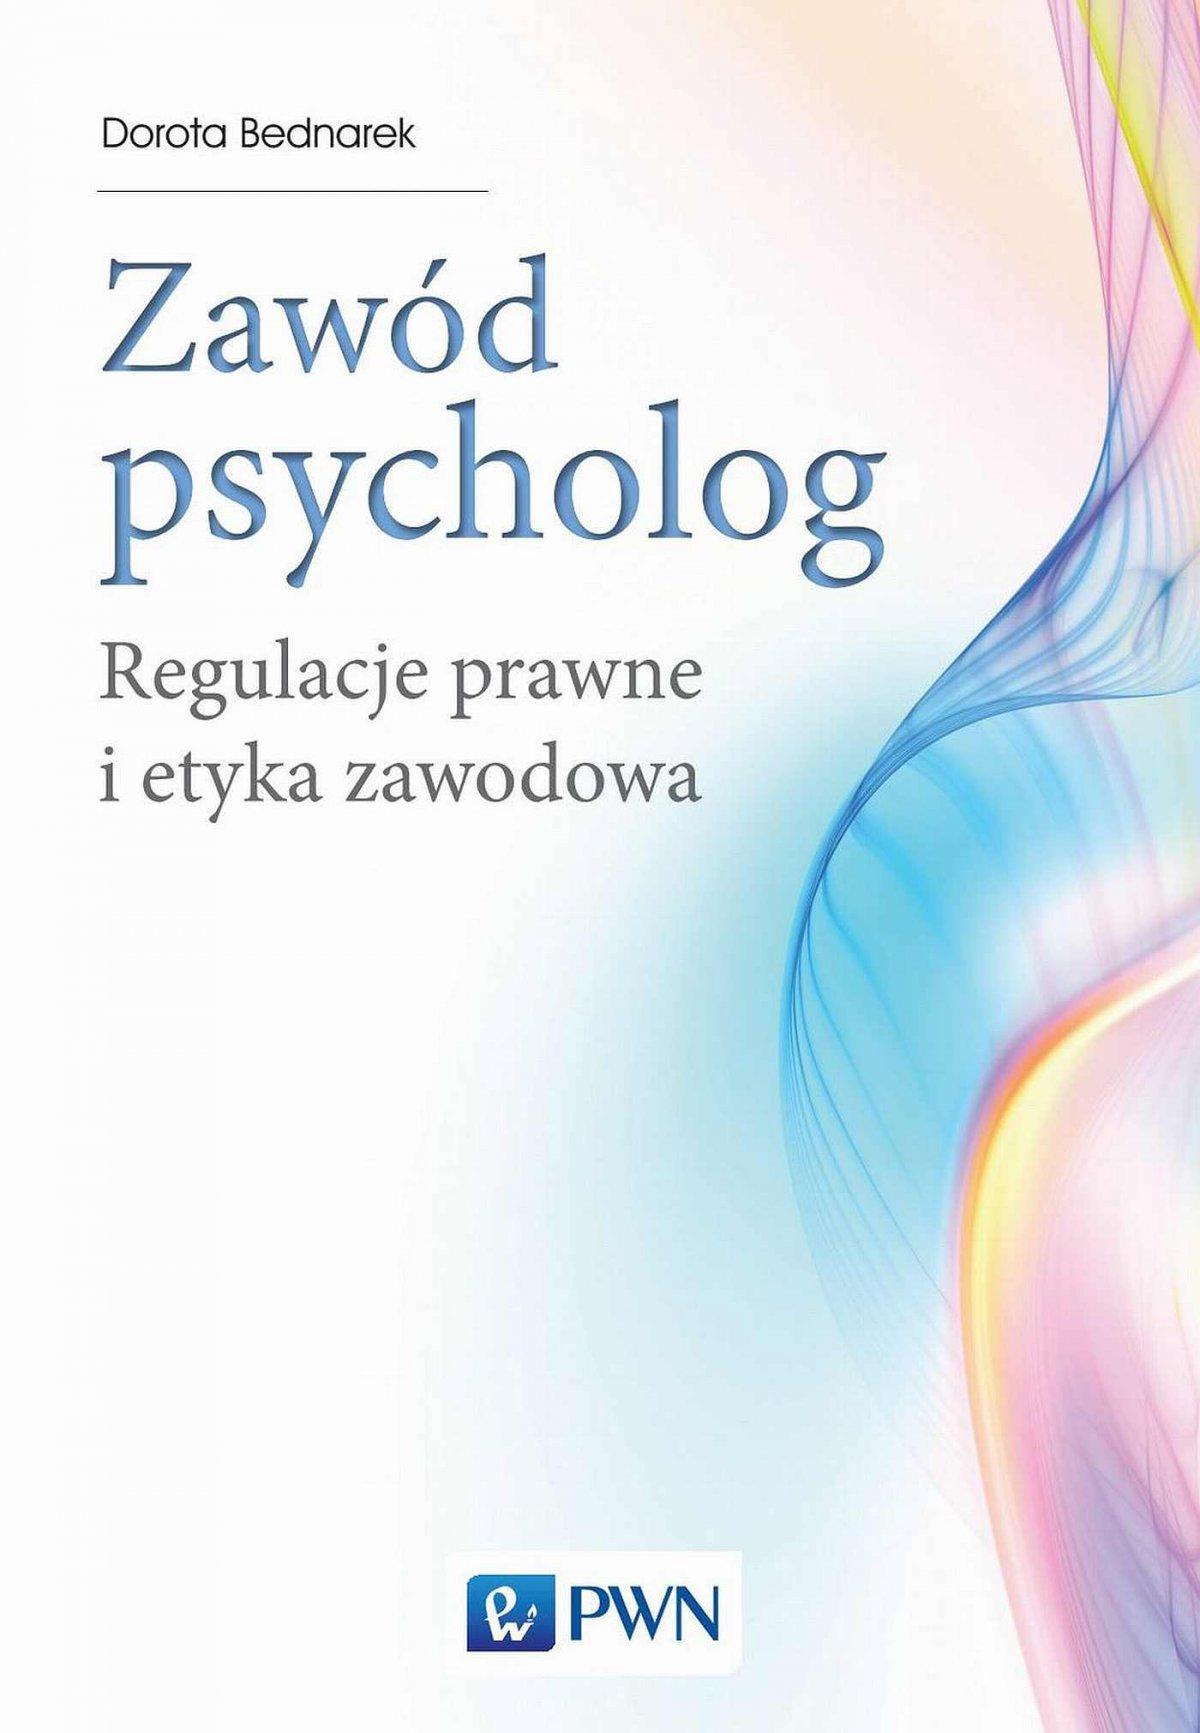 Zawód: psycholog. Regulacje prawne i etyka zawodowa - Ebook (Książka EPUB) do pobrania w formacie EPUB